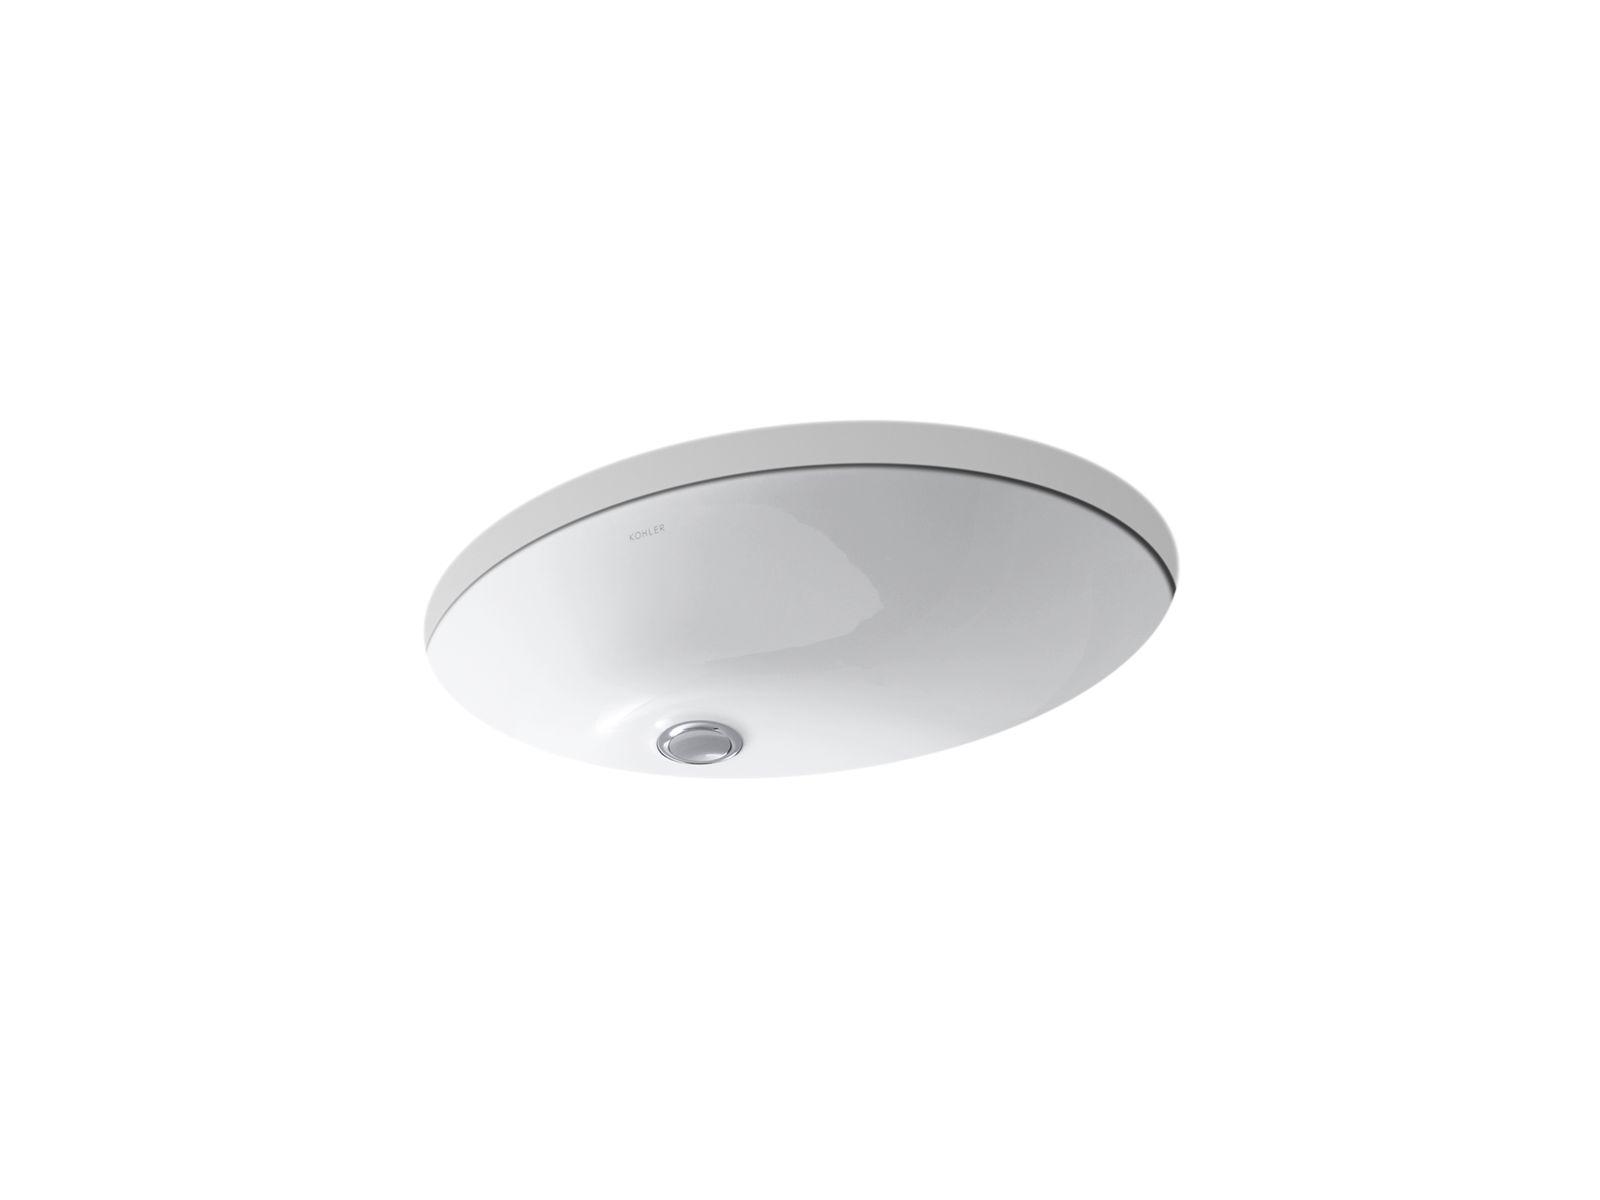 k 2211 caxton undermount sink 19 by 15 inches kohler